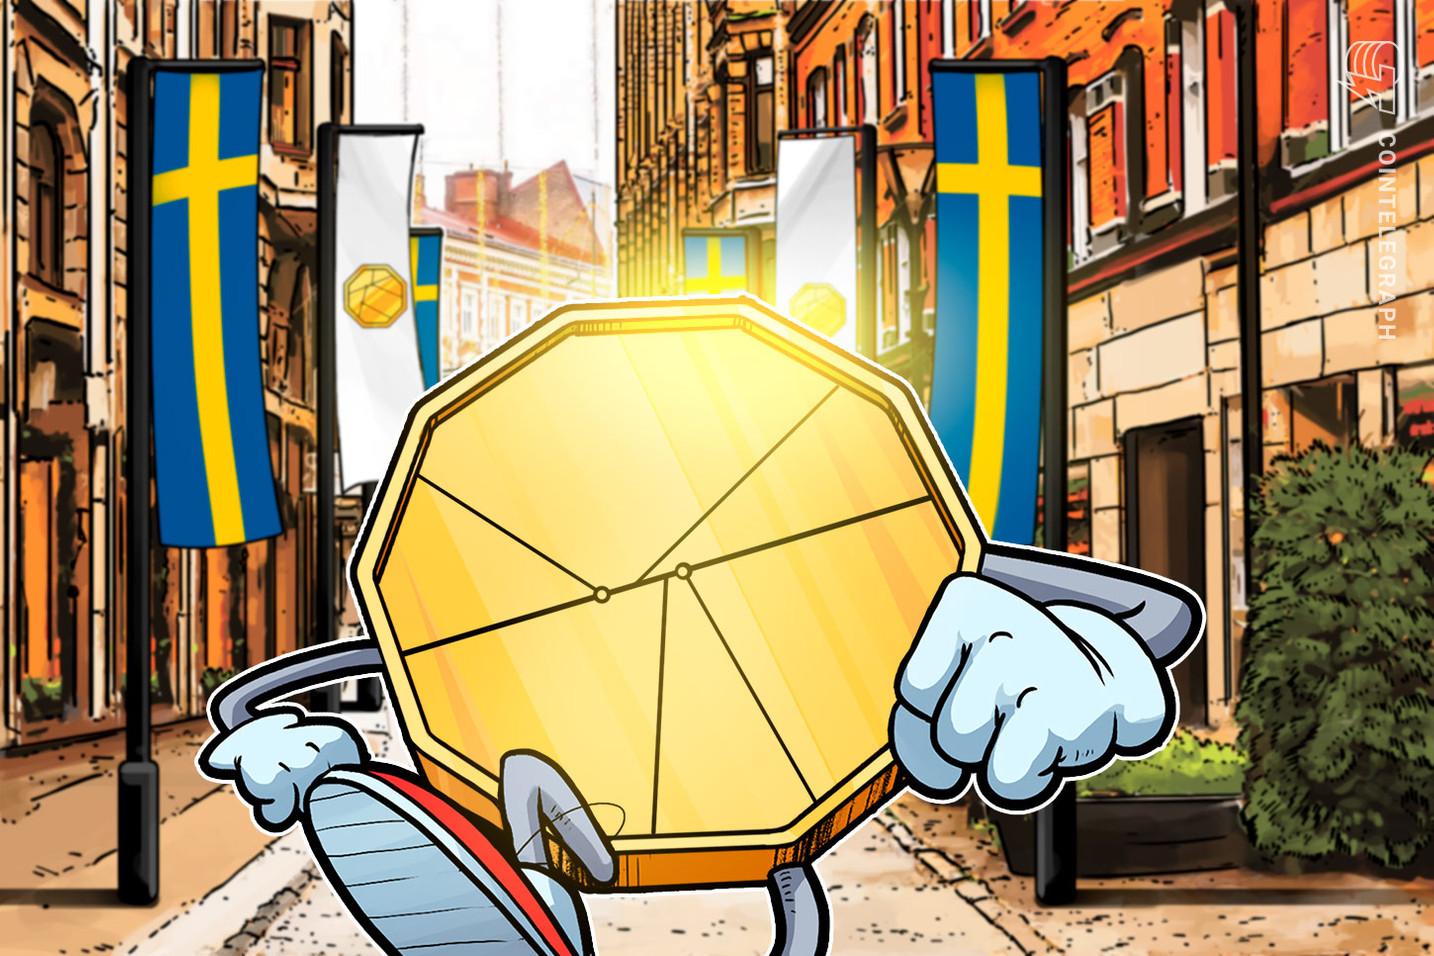 Sweden extends digital krona digital currency pilot until 2022